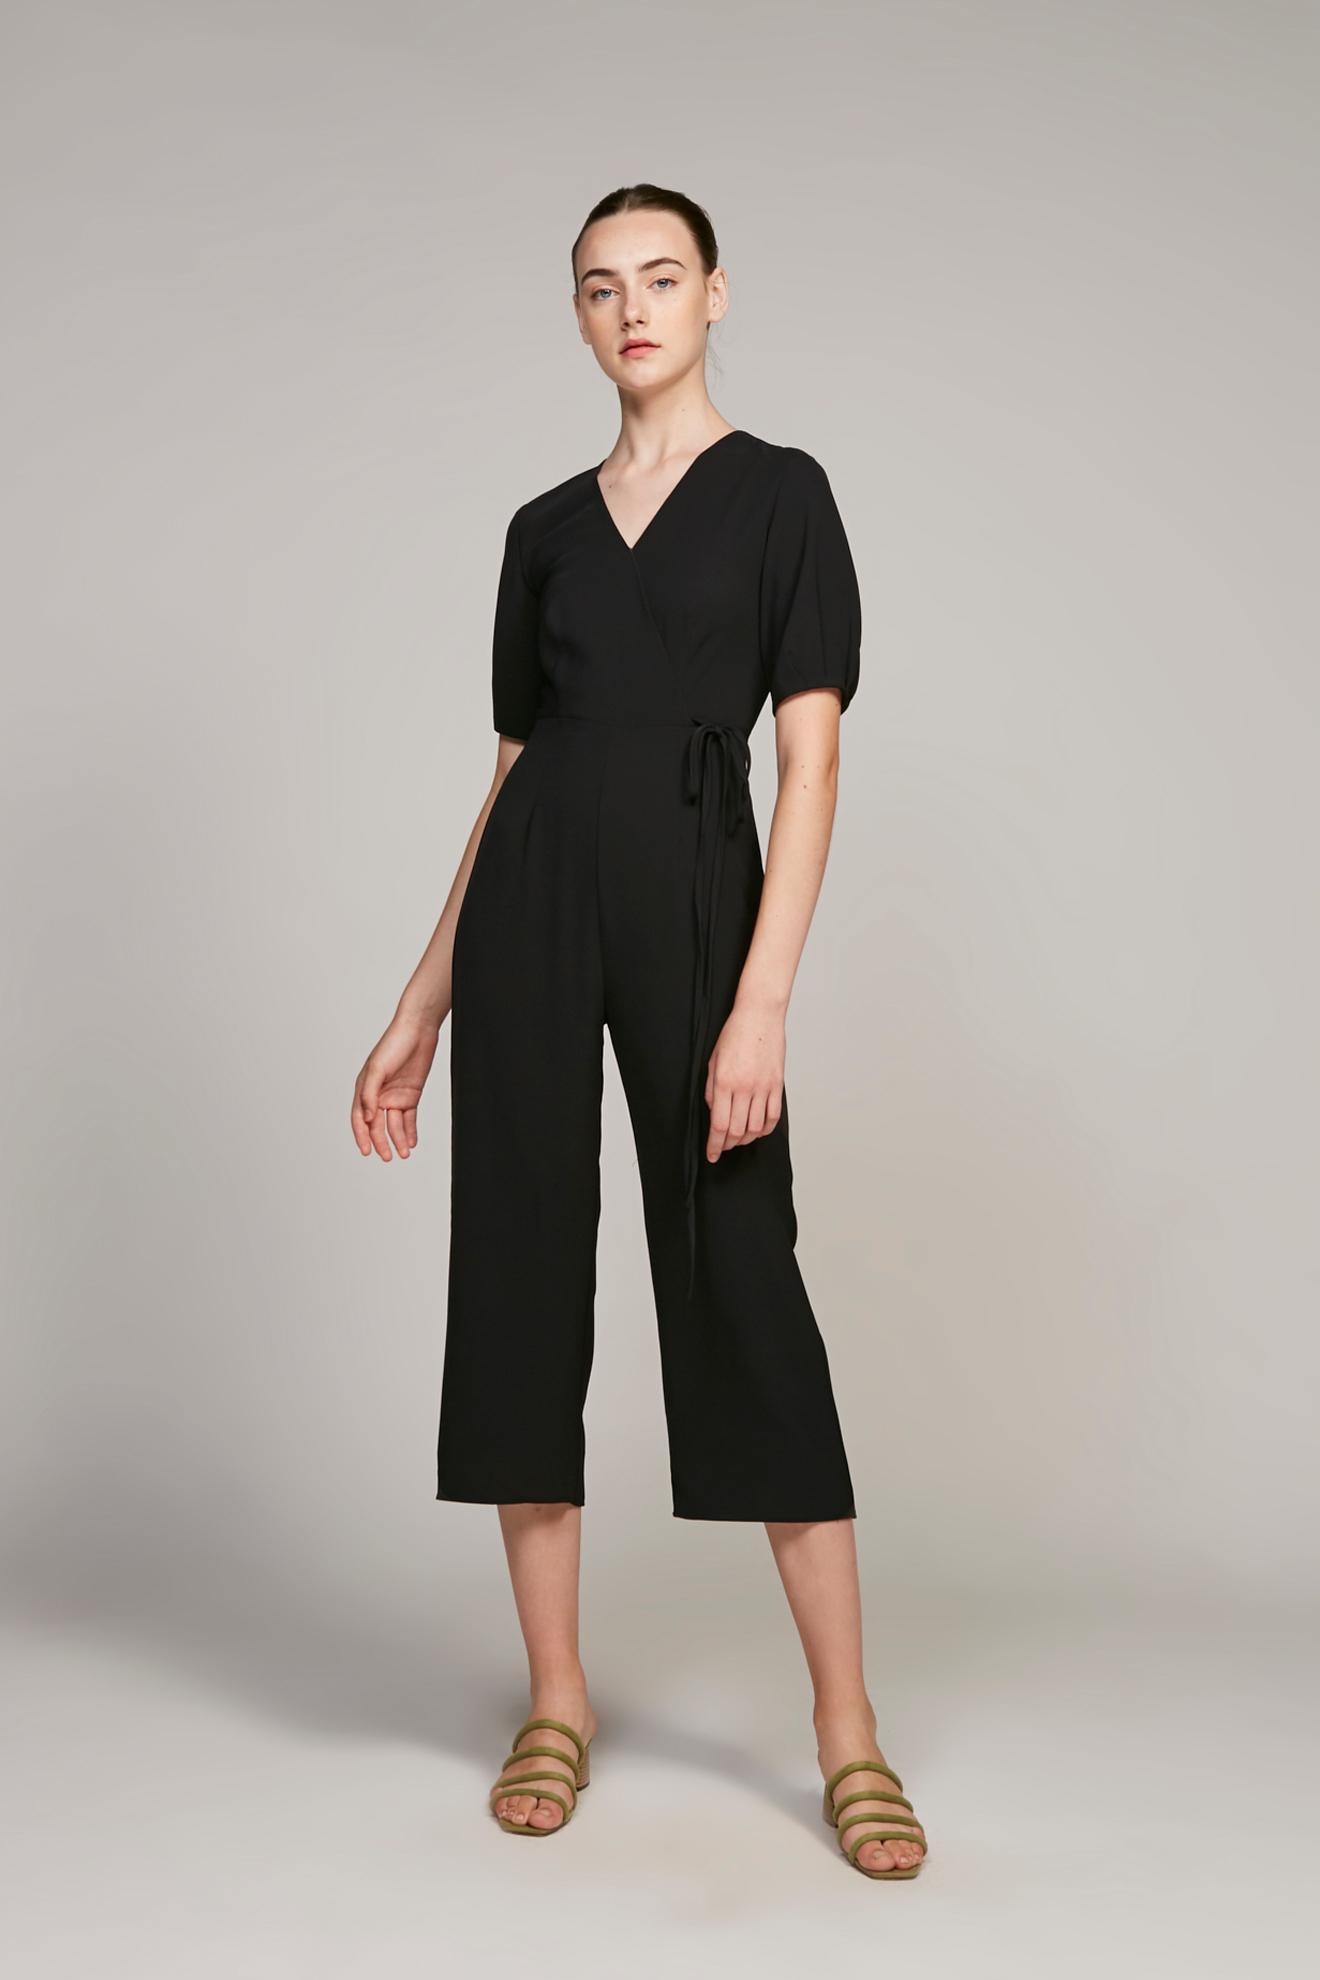 Pleat Sleeve Jumpsuit